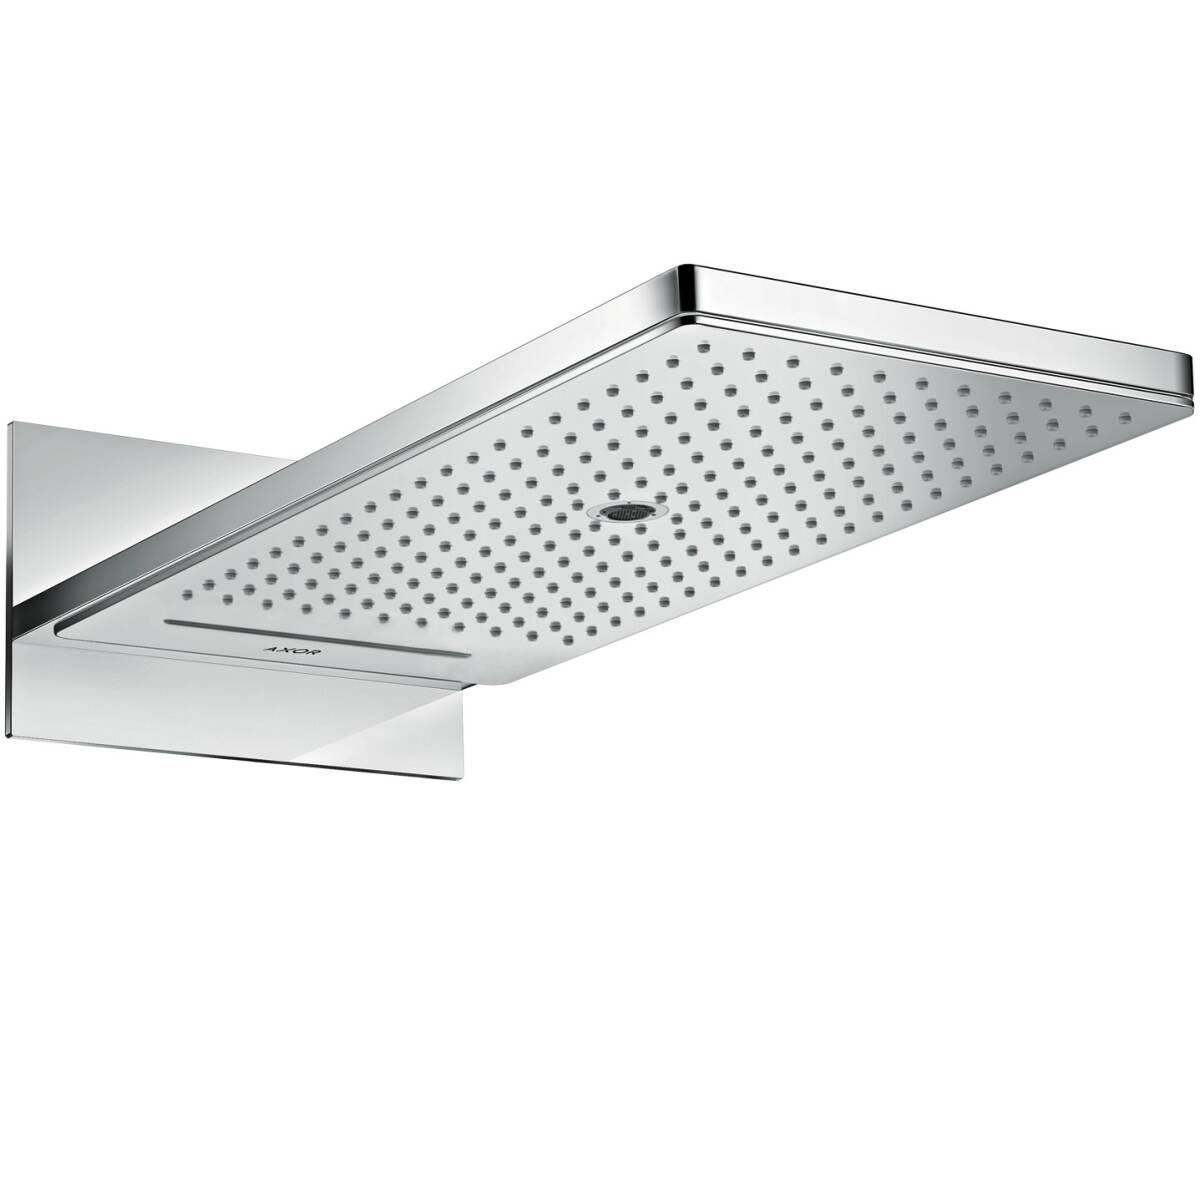 Overhead shower 250/580 3jet, Chrome, 35283000